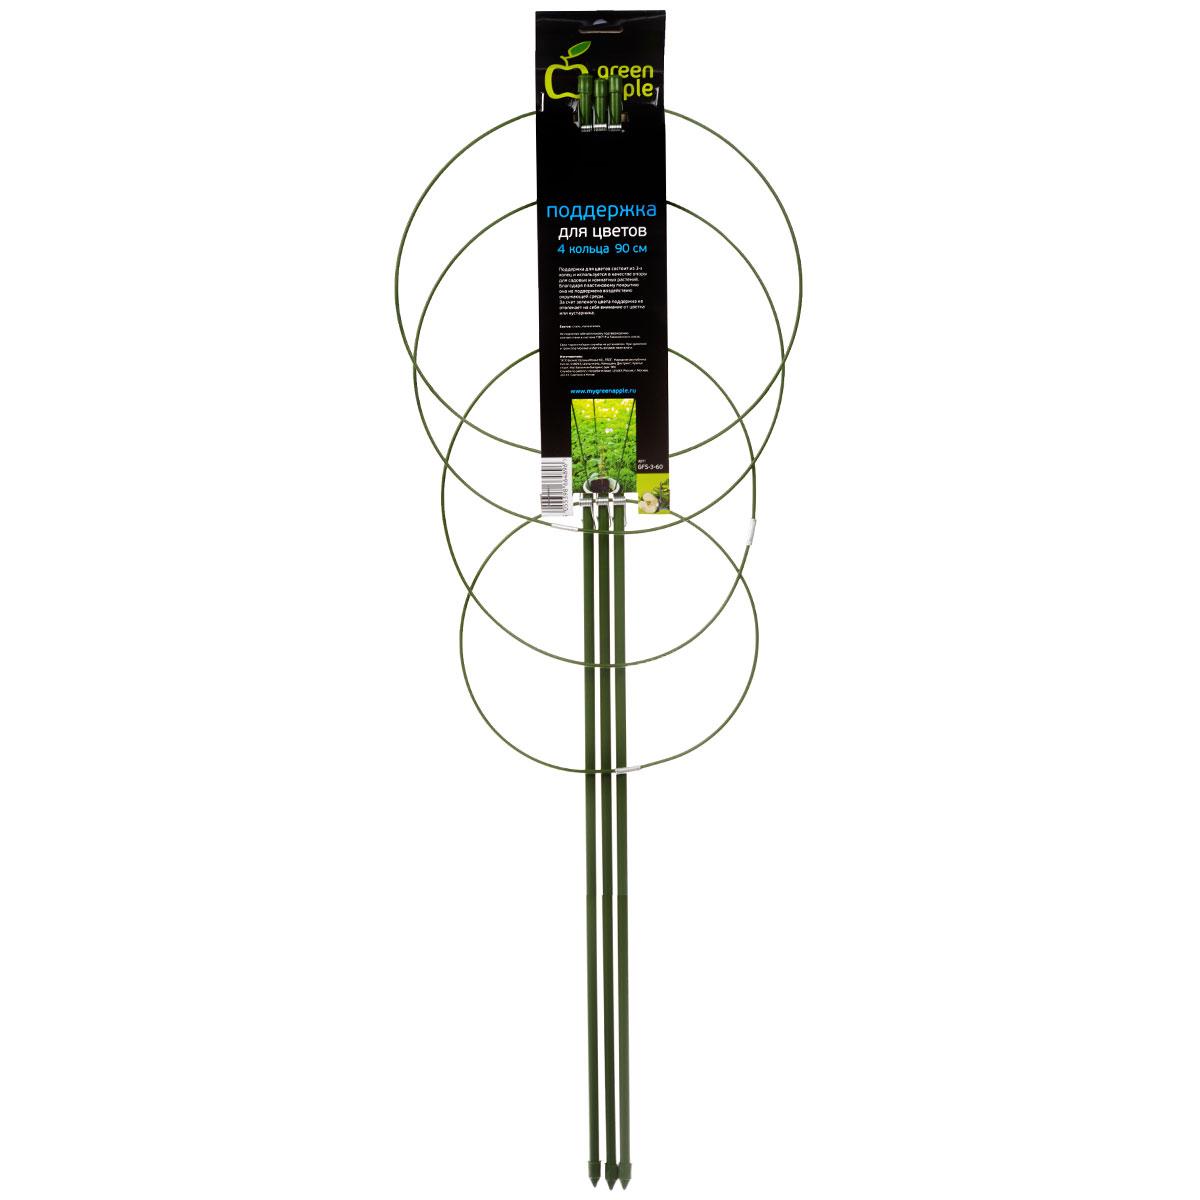 Поддержка для цветов 4 кольца Green Apple GFS-4-90, 90 смGFS-4-90Поддержка для цветов состоит из 4-х колец и используется в качестве опоры для садовых и комнатных растений. Благодаря пластиковому покрытию она не подвержена воздействию окружающей среды. За счет зеленого цвета поддержка не отвлекает на себя внимание от цветка или кустарника.